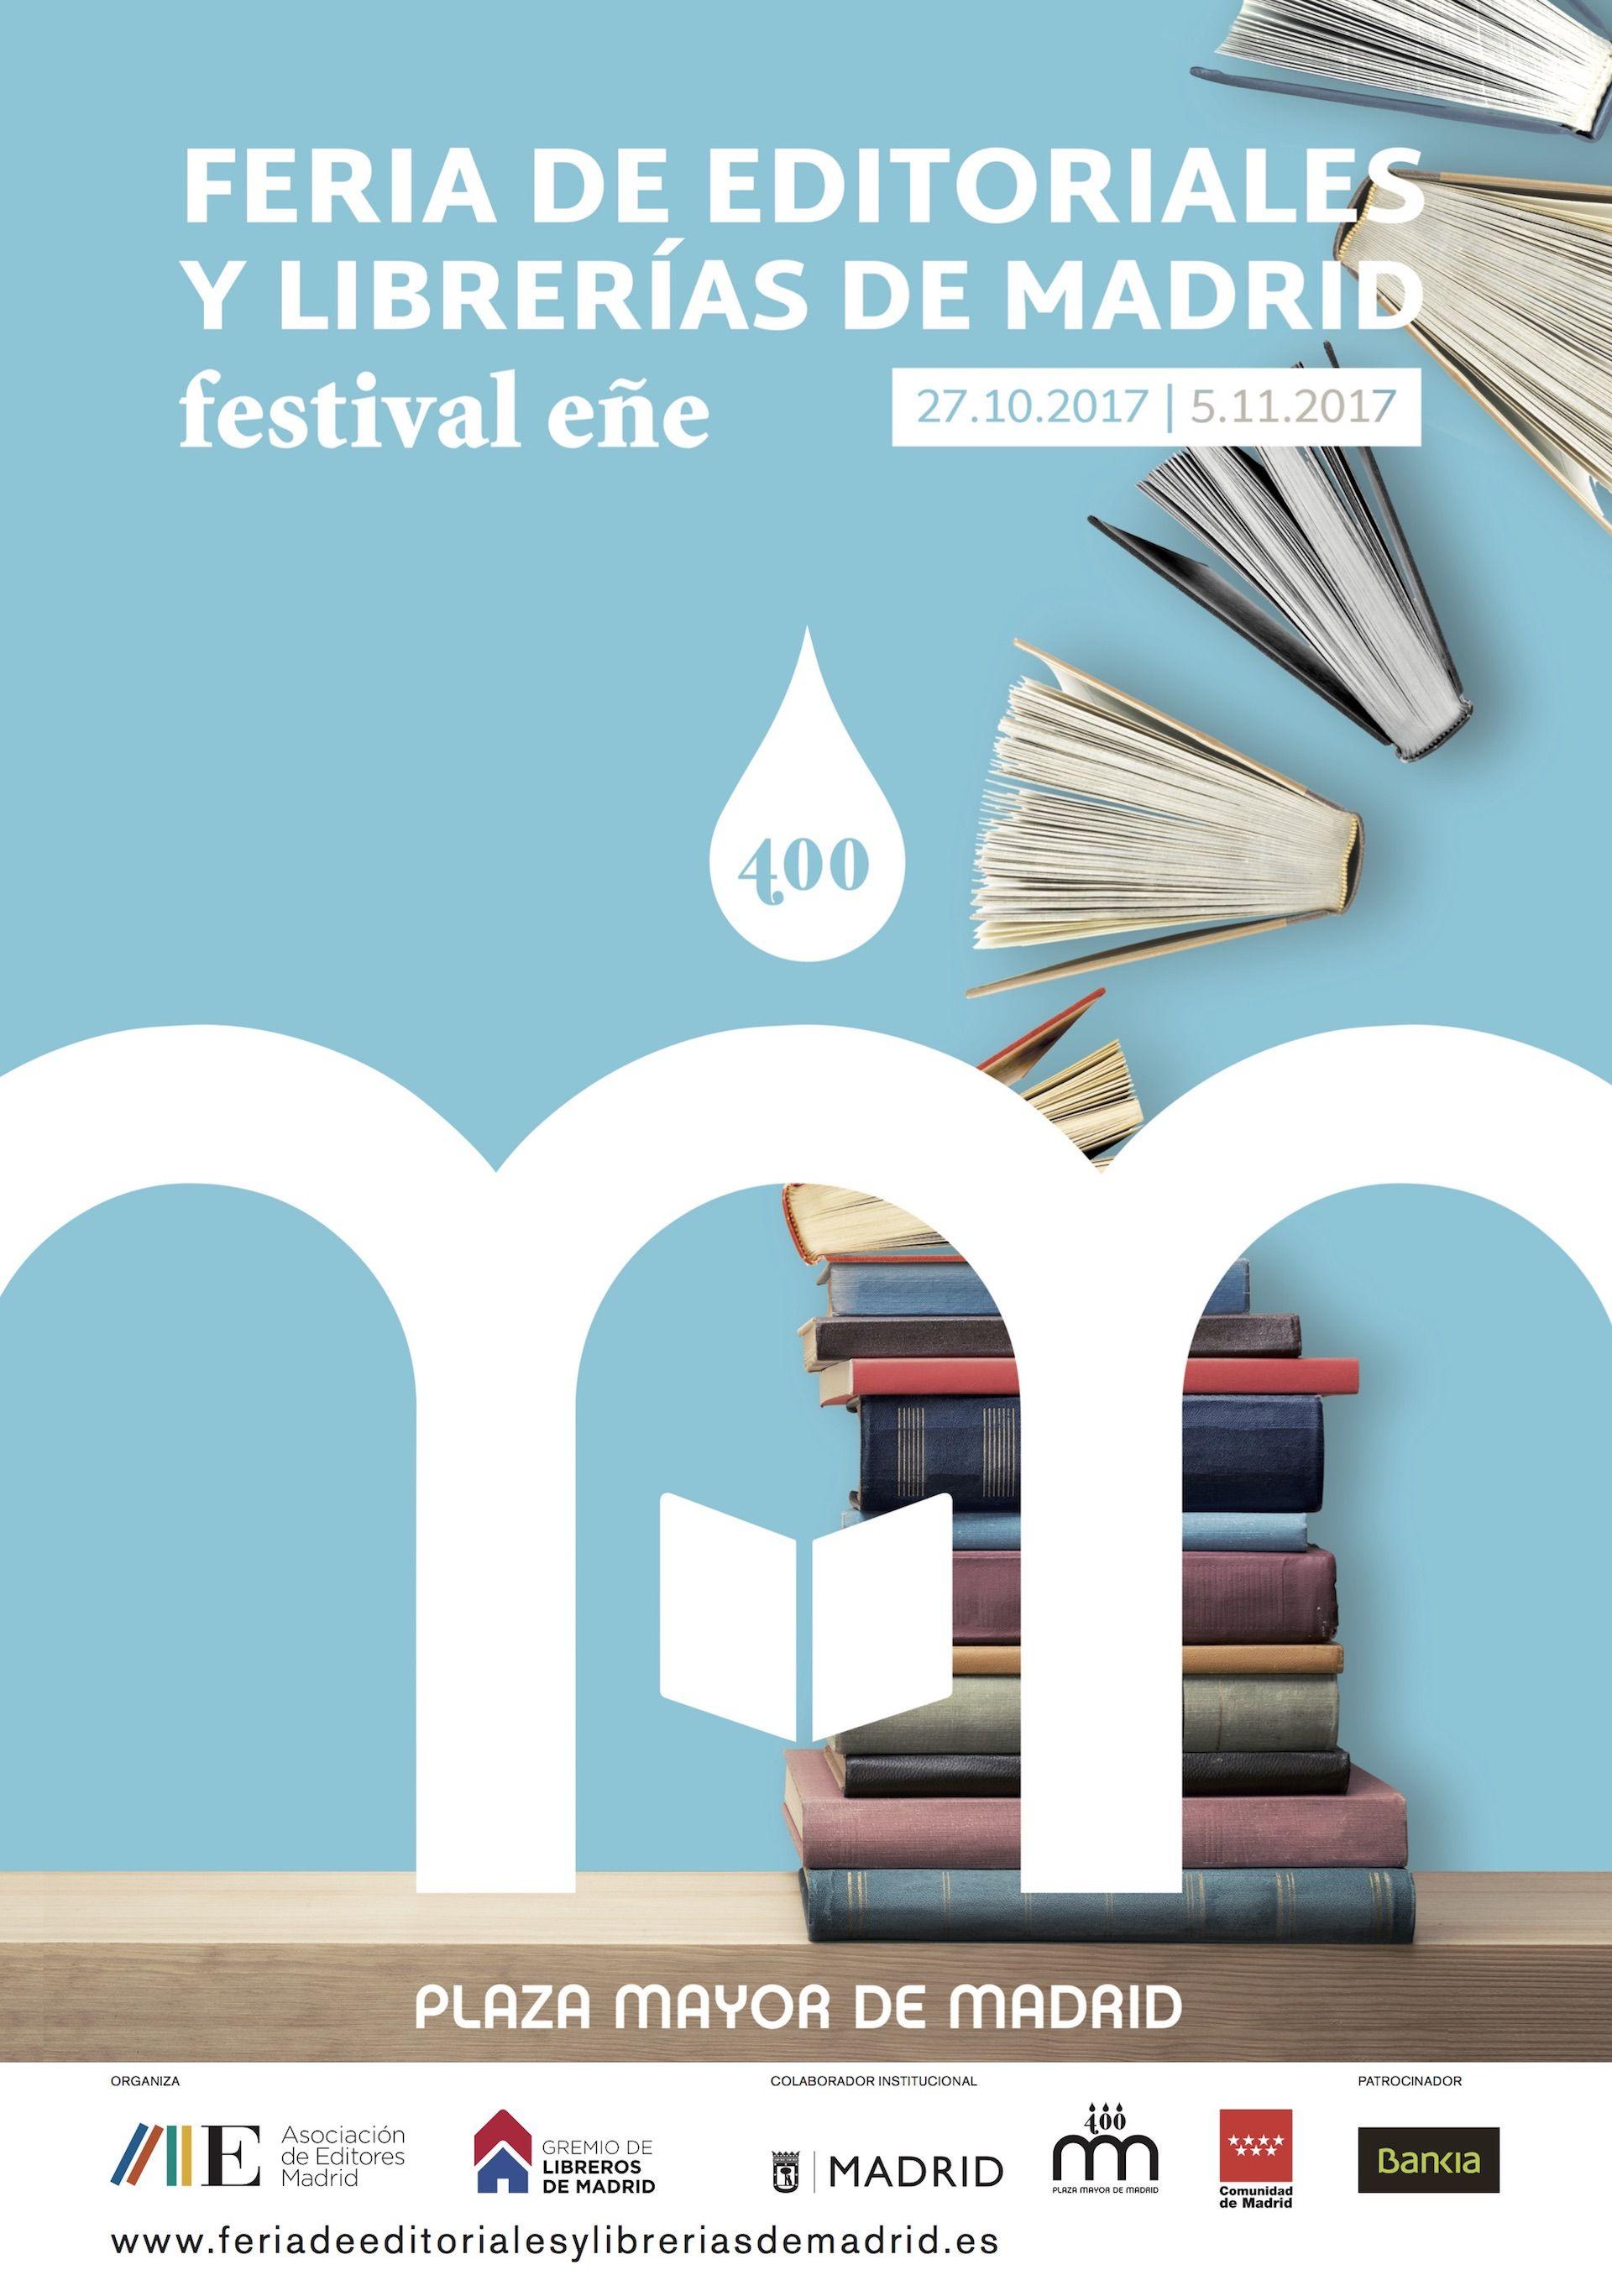 Feria del Libro de Editoriales y Librerías de Madrid Plaza Mayor